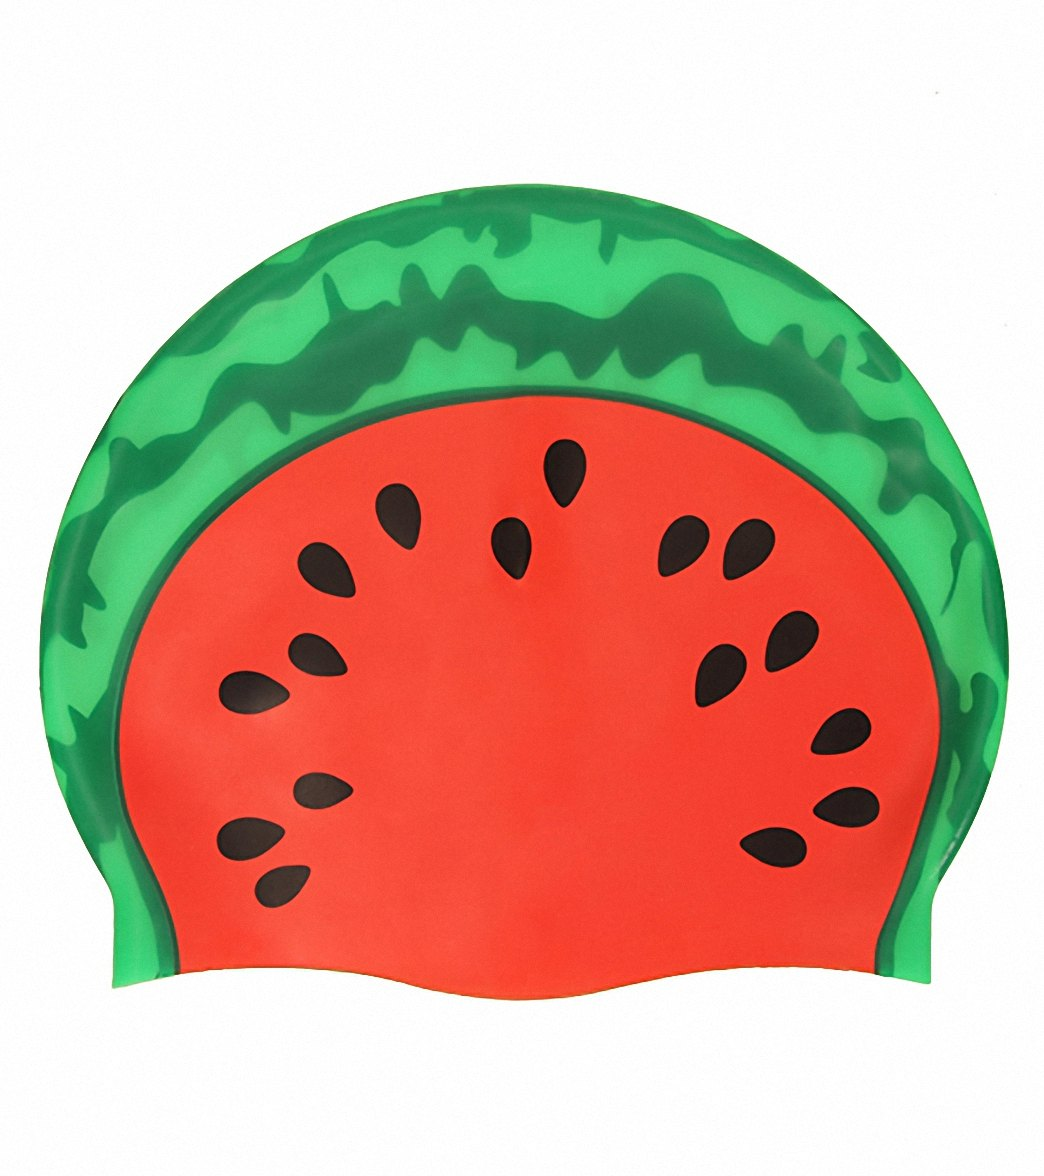 Sporti Watermelon Silicone Swim Cap at SwimOutlet.com 69f32d567ae